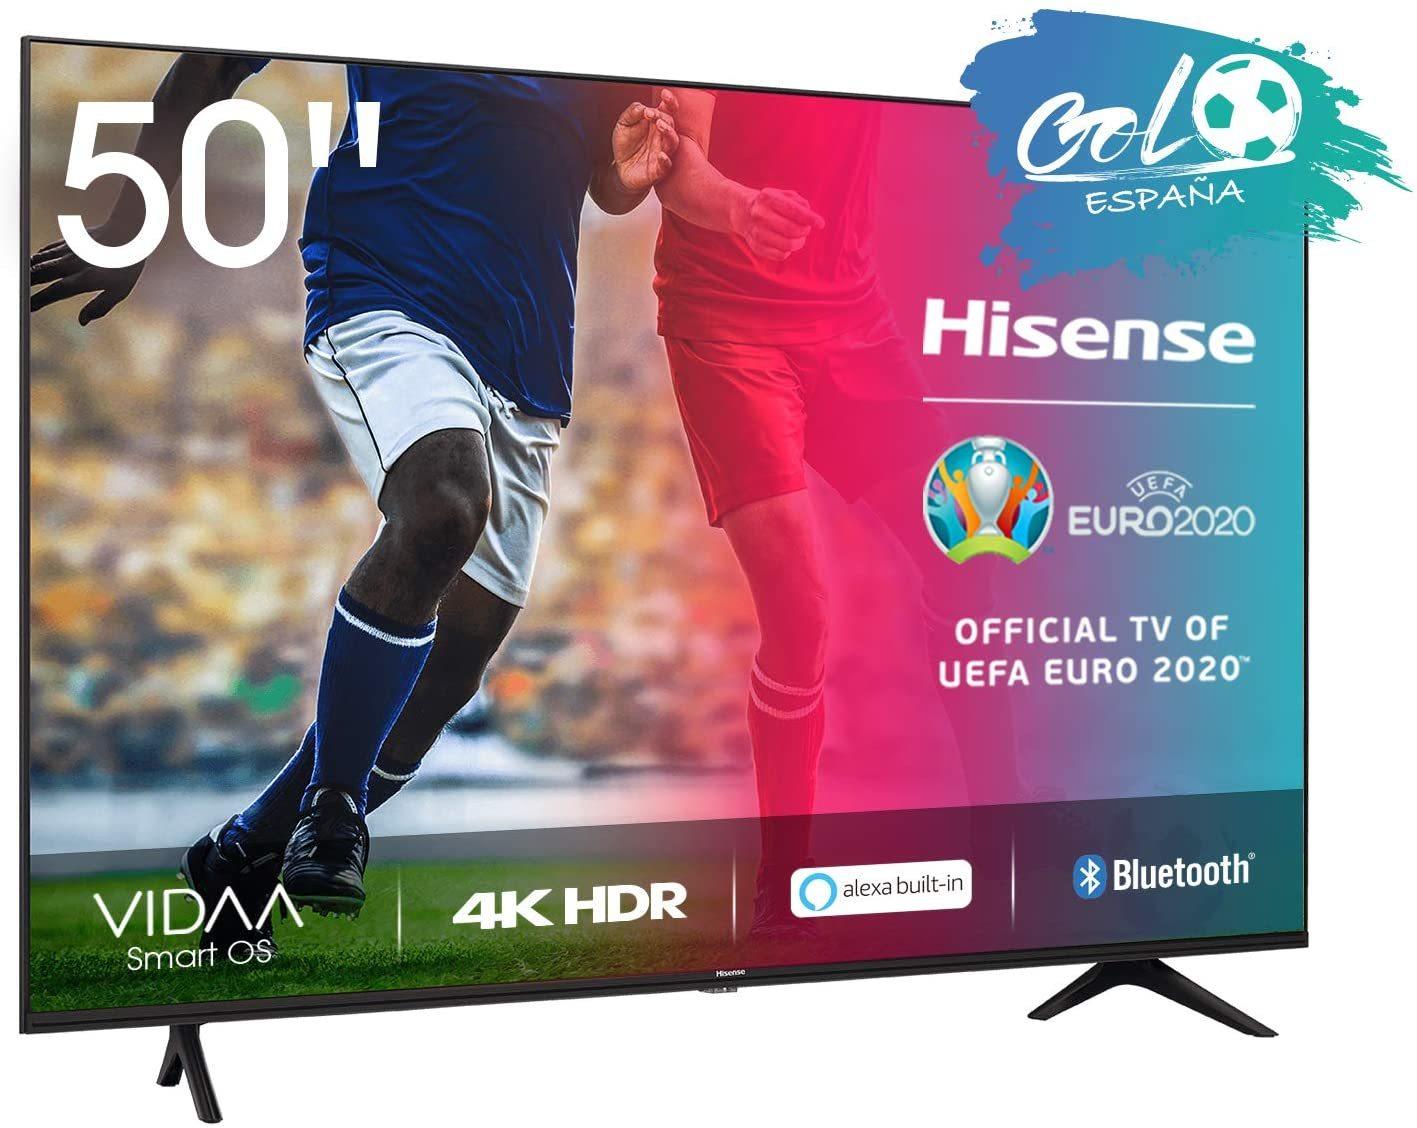 Televisores: modelos de smart TV baratos y de todas las pulgadas de LG,  Samsung, Philips, Sony, Hisense...   Tecnología